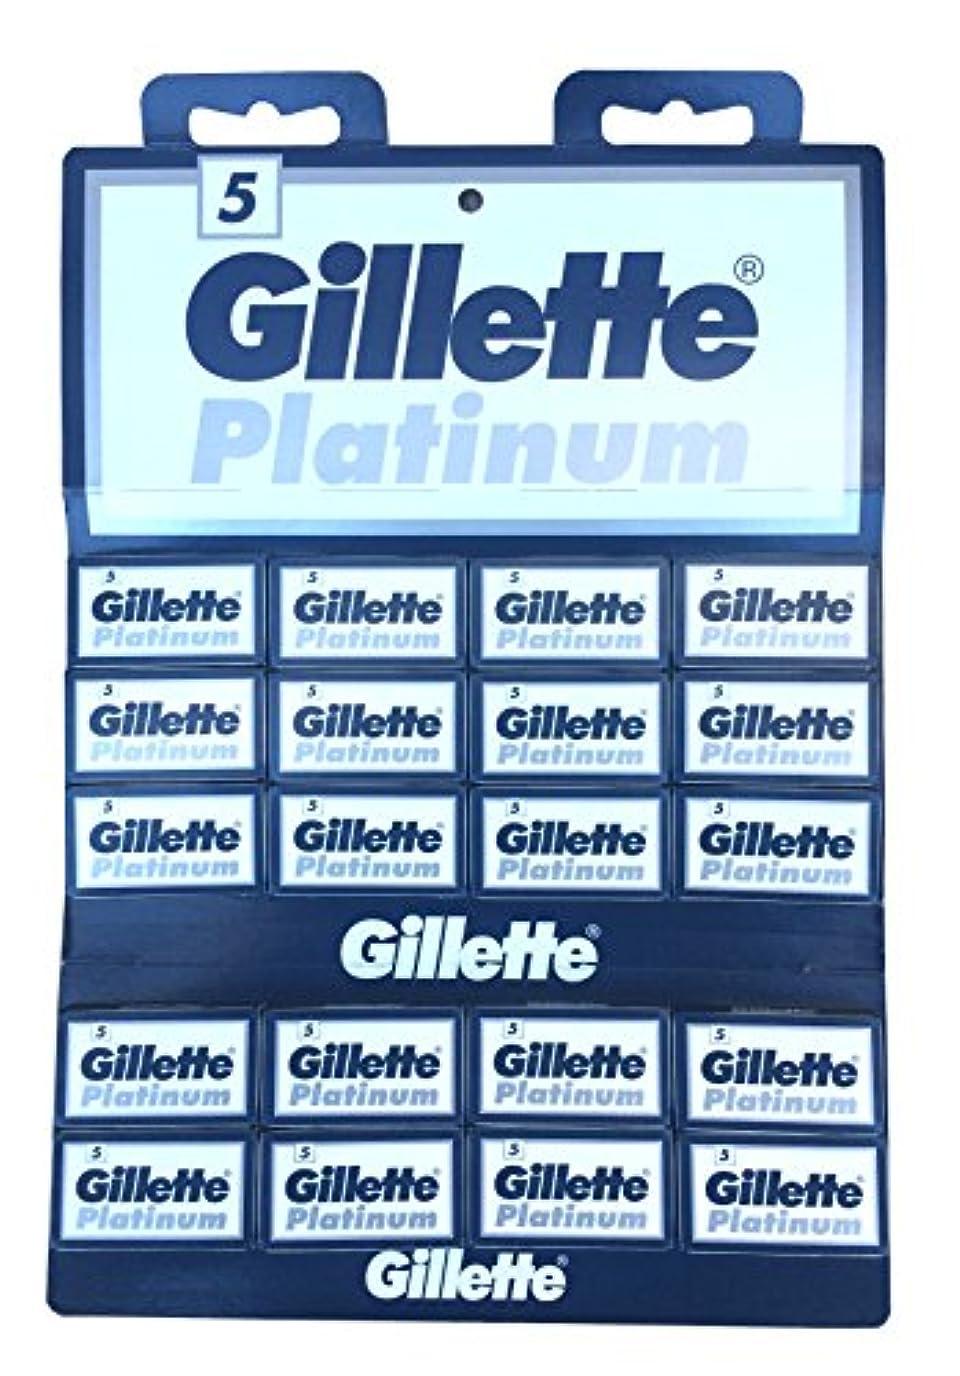 収益輪郭ボスGillette Platinum 両刃替刃 100枚入り(5枚入り20 個セット)【並行輸入品】